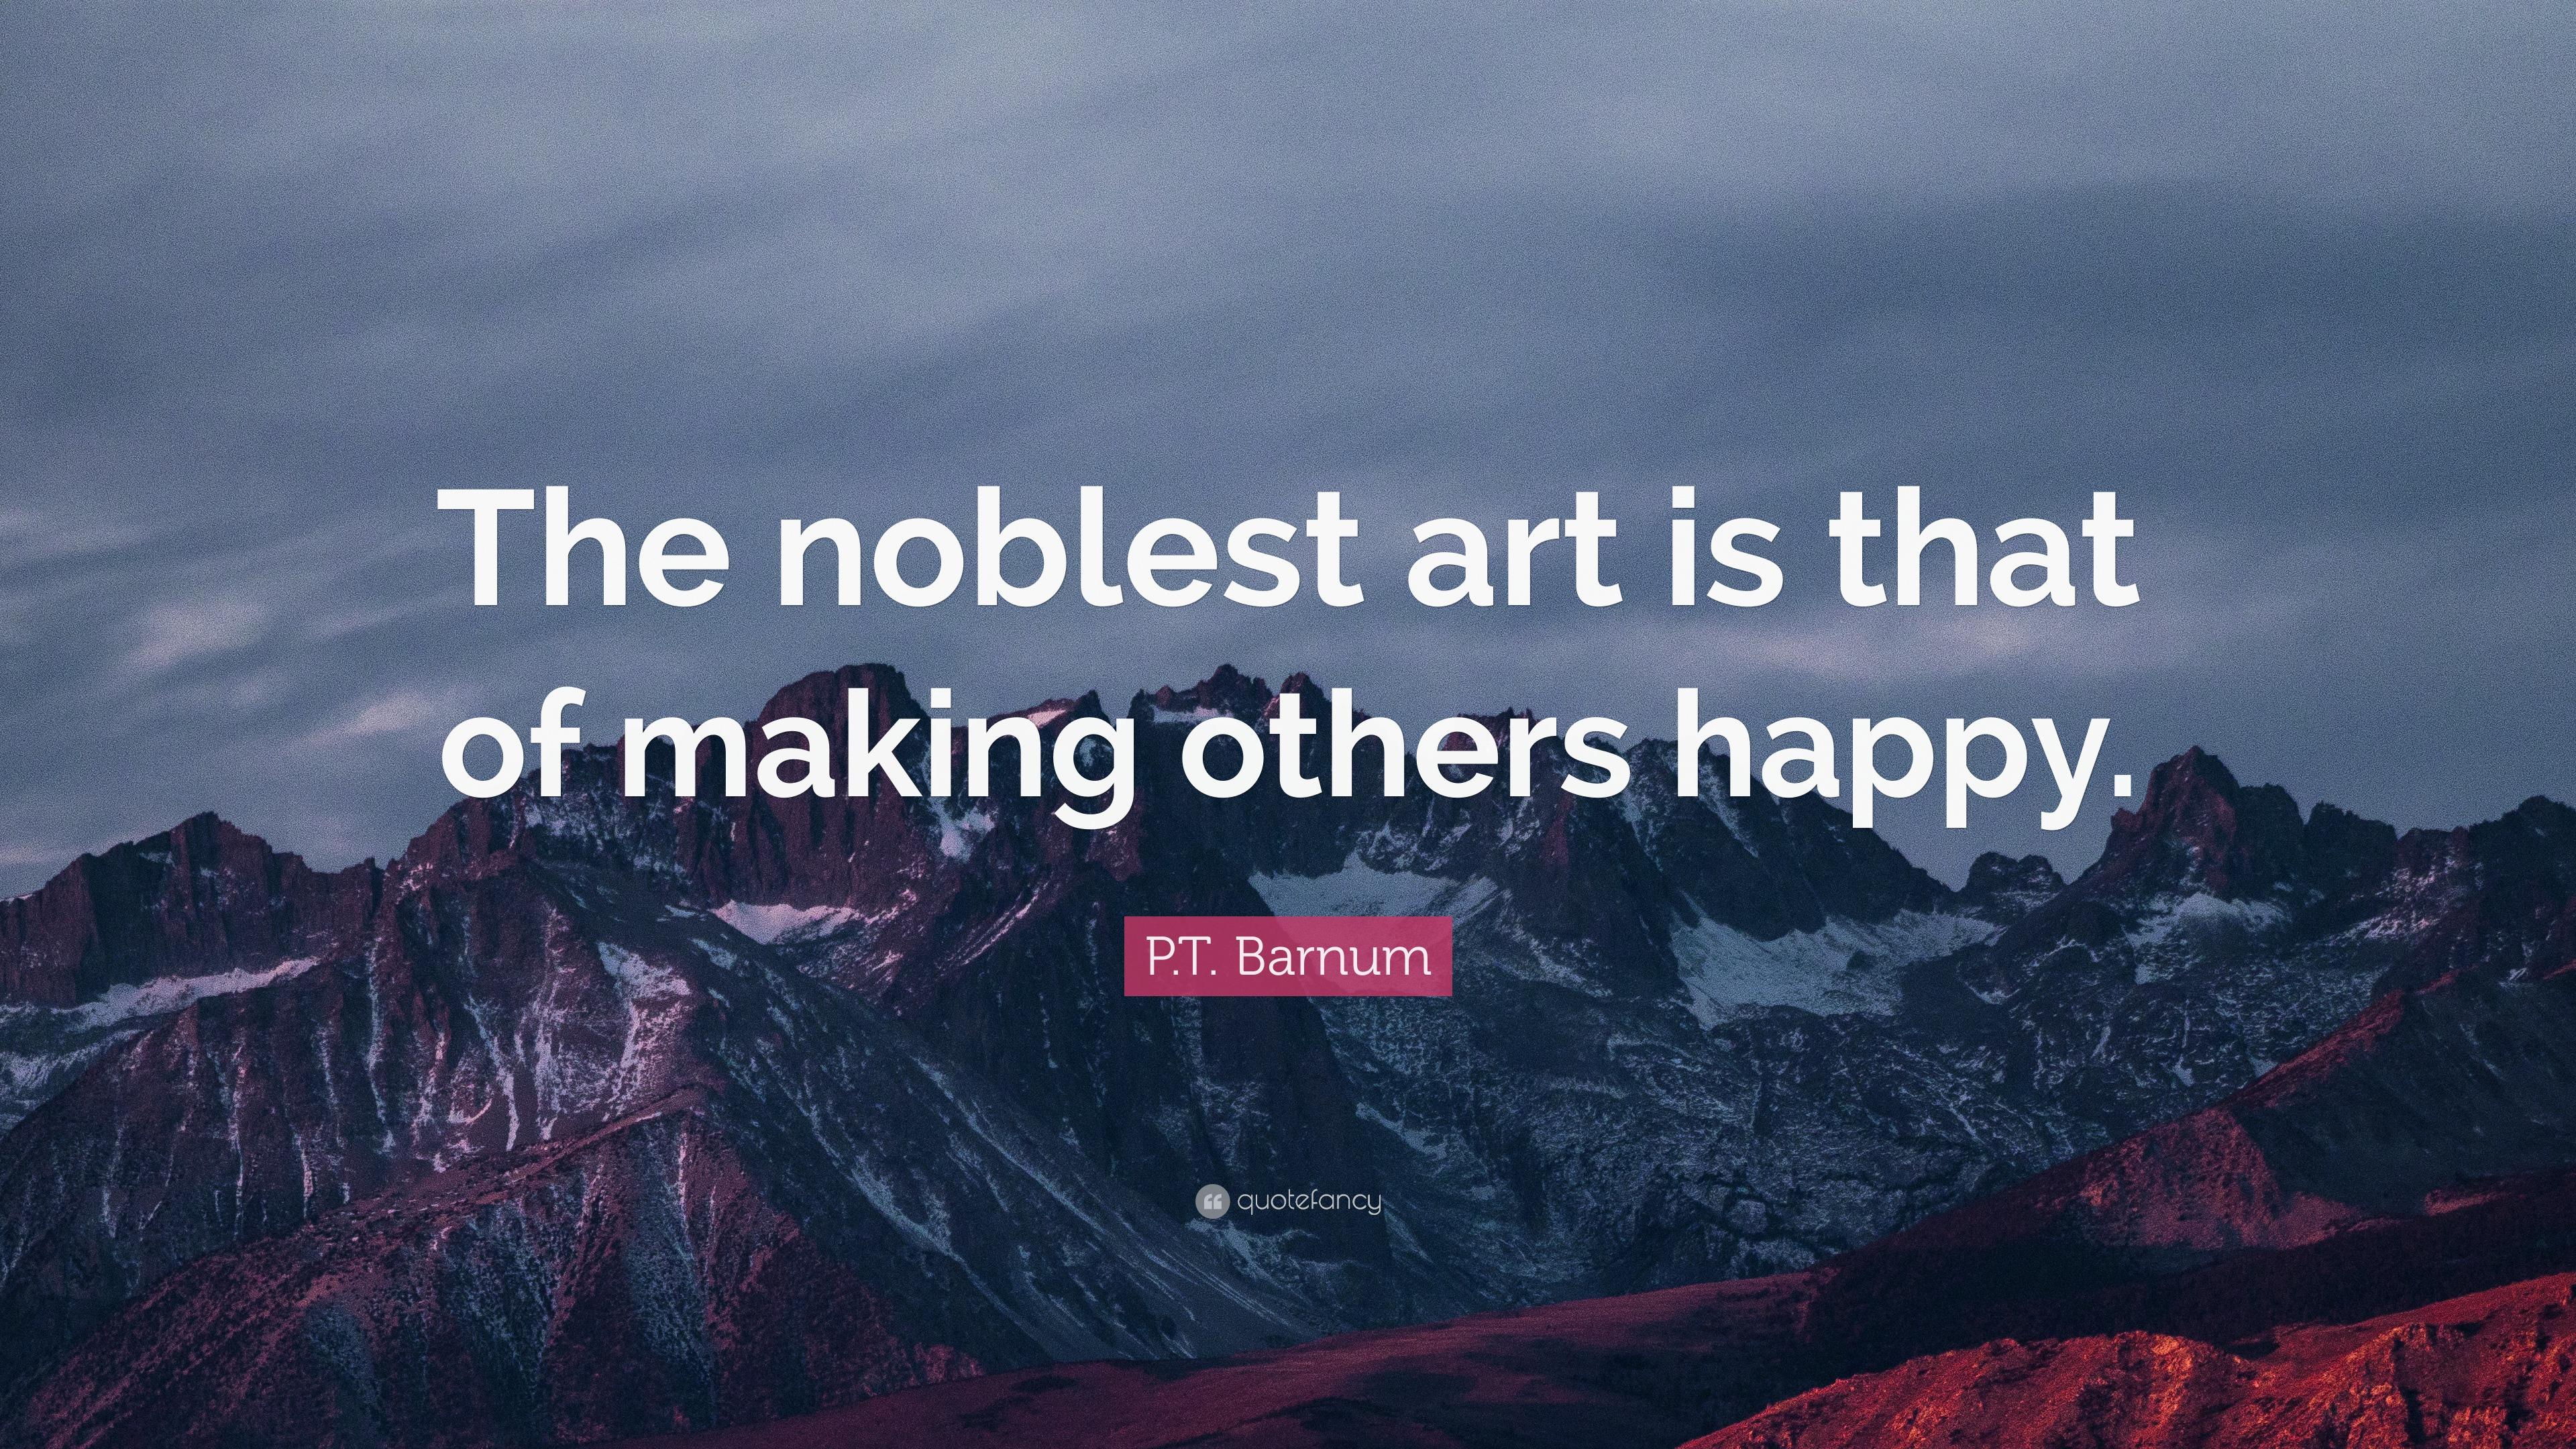 Pt Barnum Quotes P.T. Barnum Quotes (70 wallpapers)   Quotefancy Pt Barnum Quotes